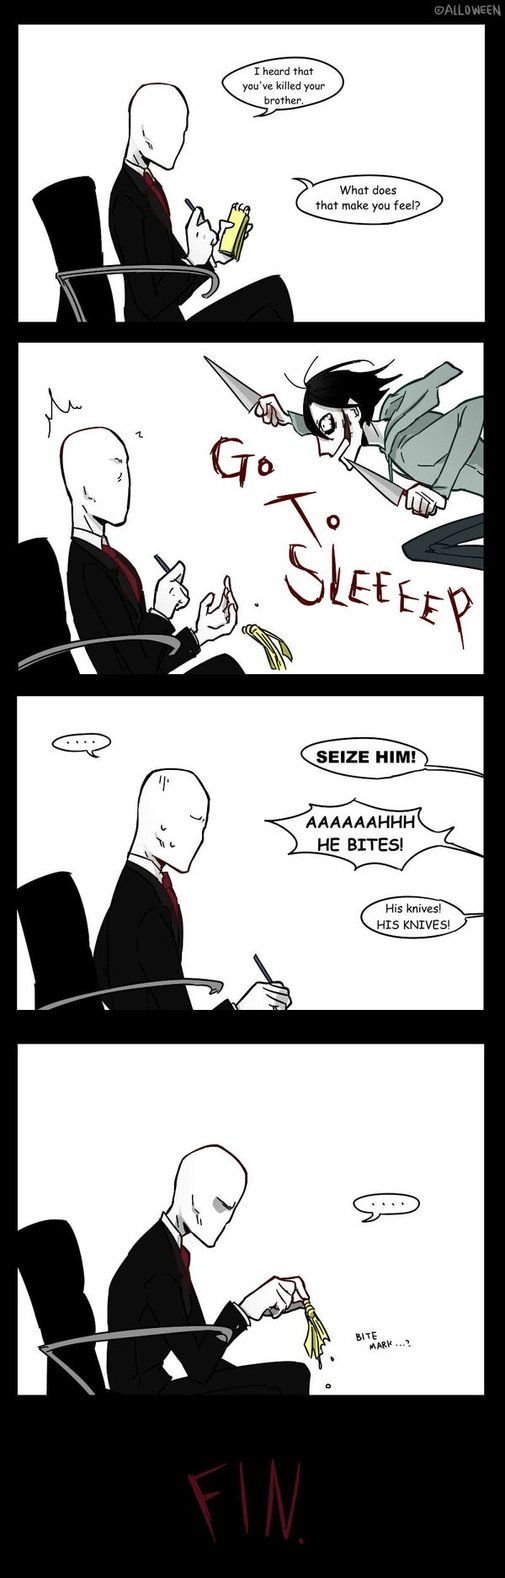 Slender PhD : Jeff the Killer by Alloween